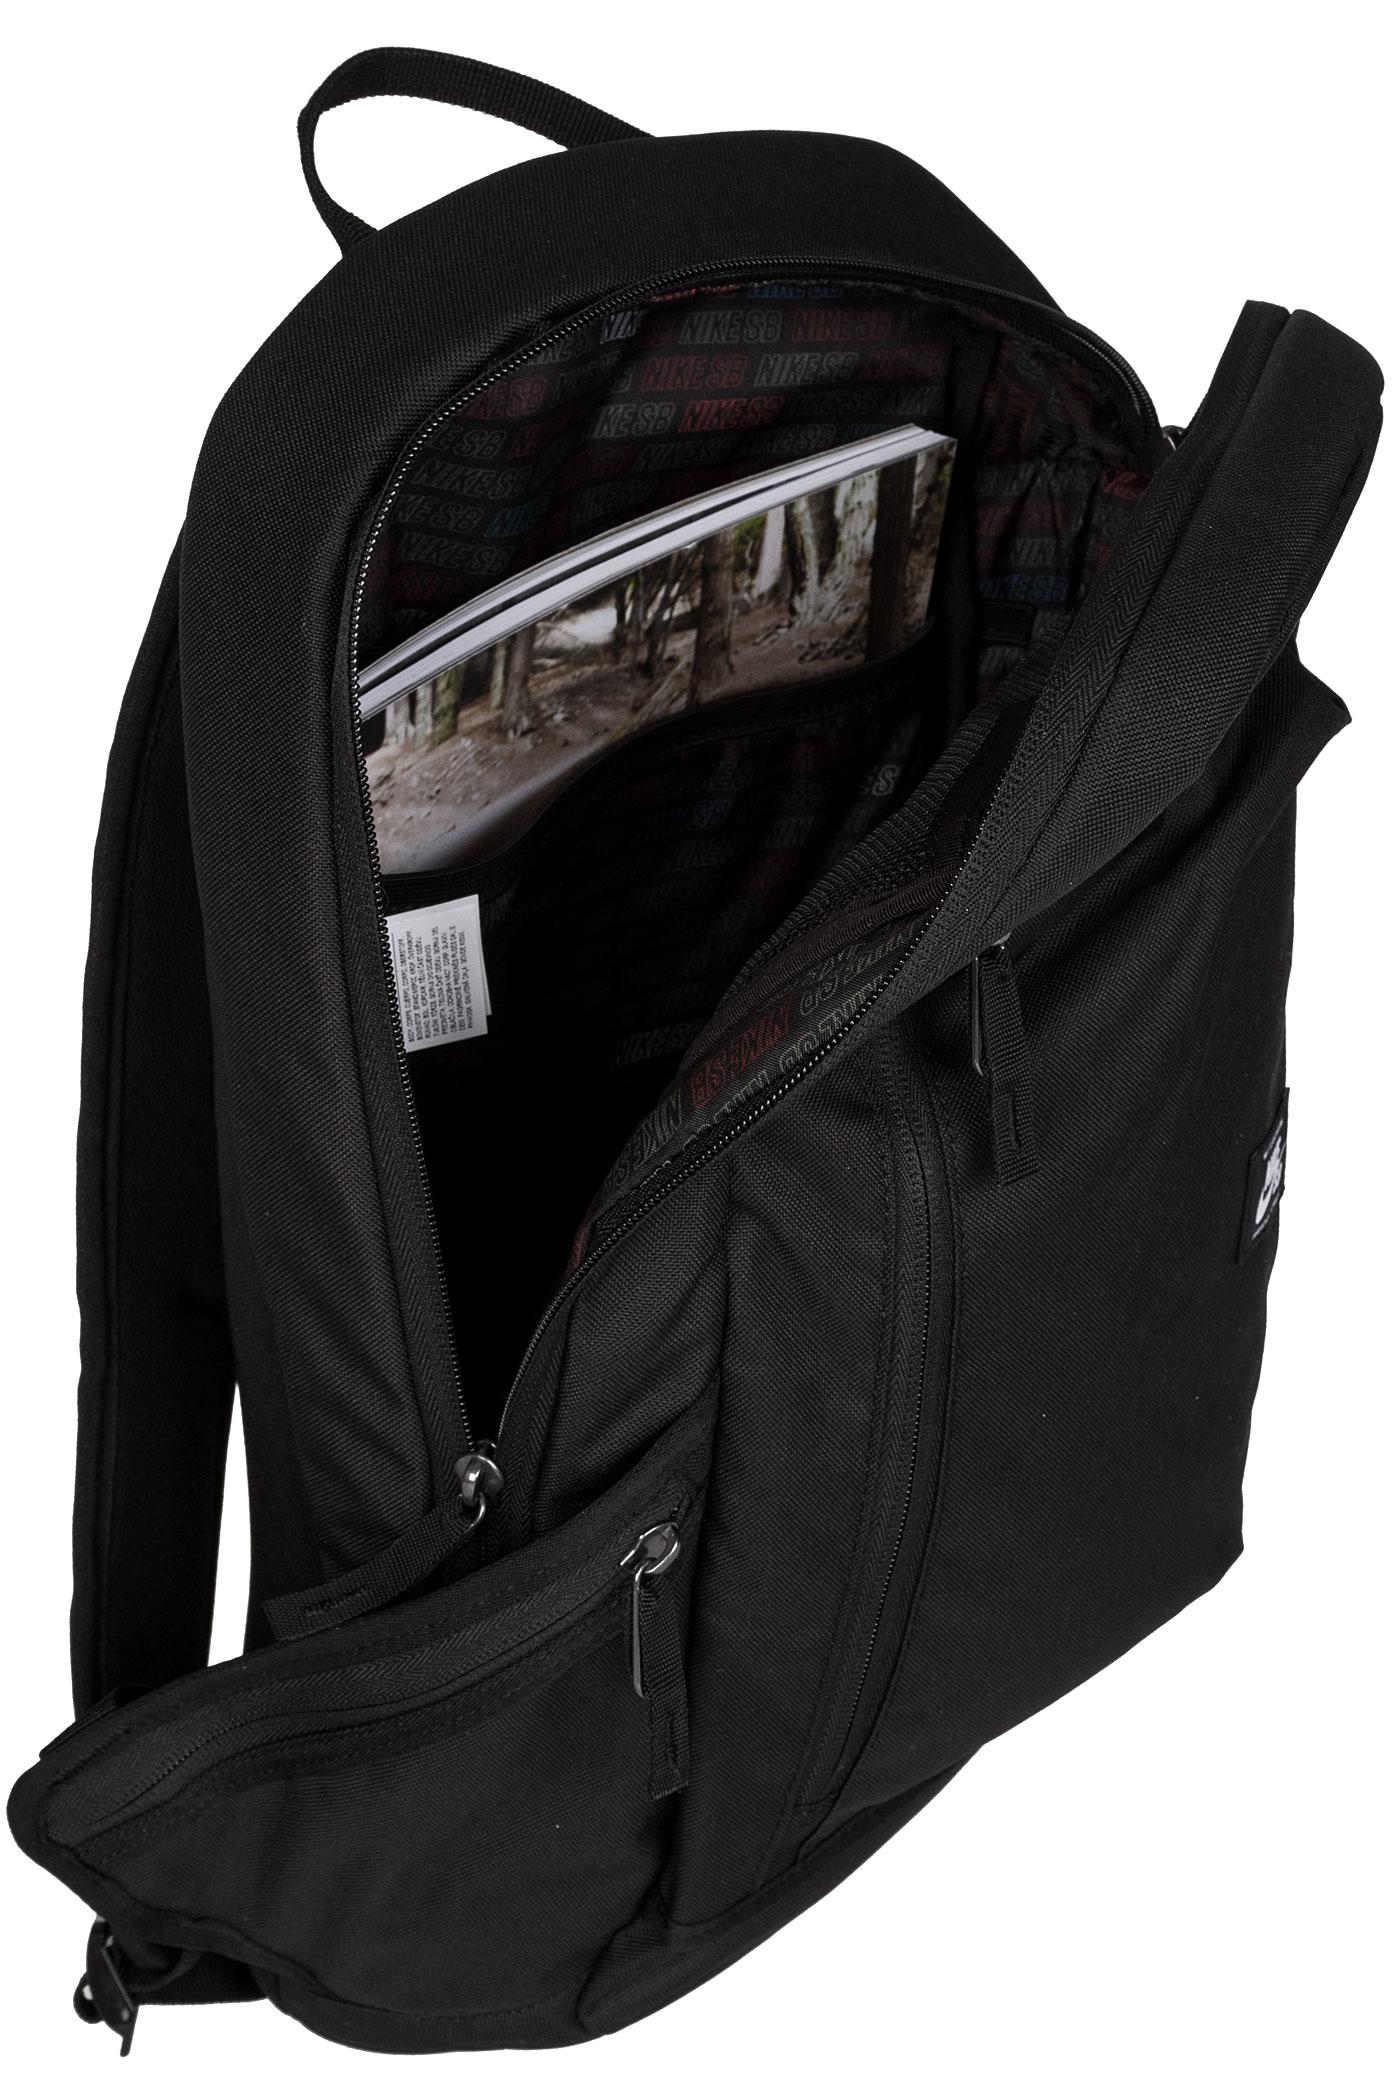 nike backpack black and white